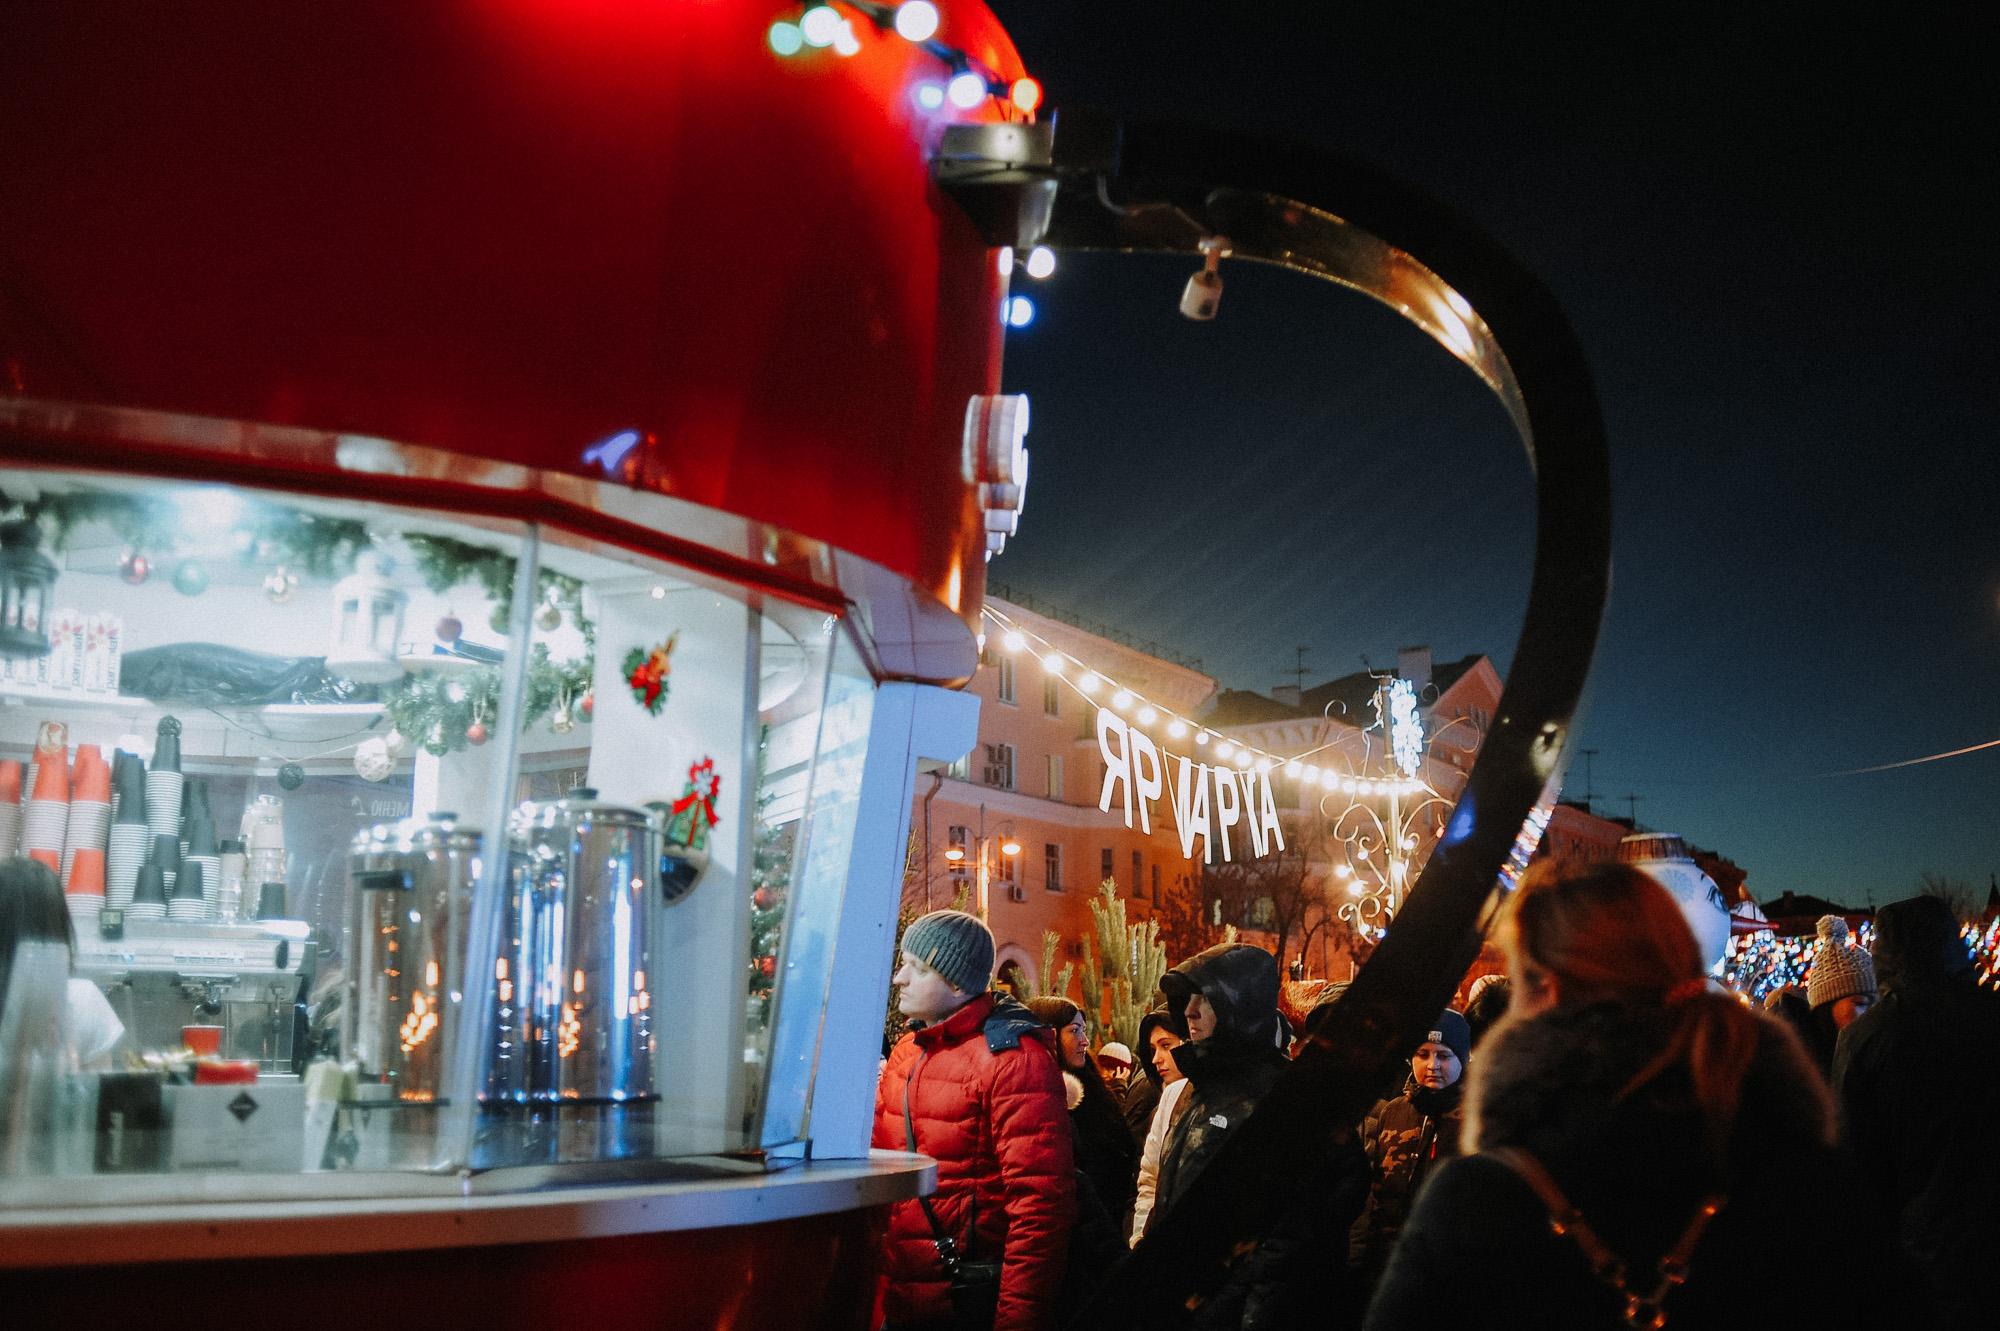 ZZZ 6807 В Астрахани на площади Ленина зажгли новогоднюю елку: кадры торжества